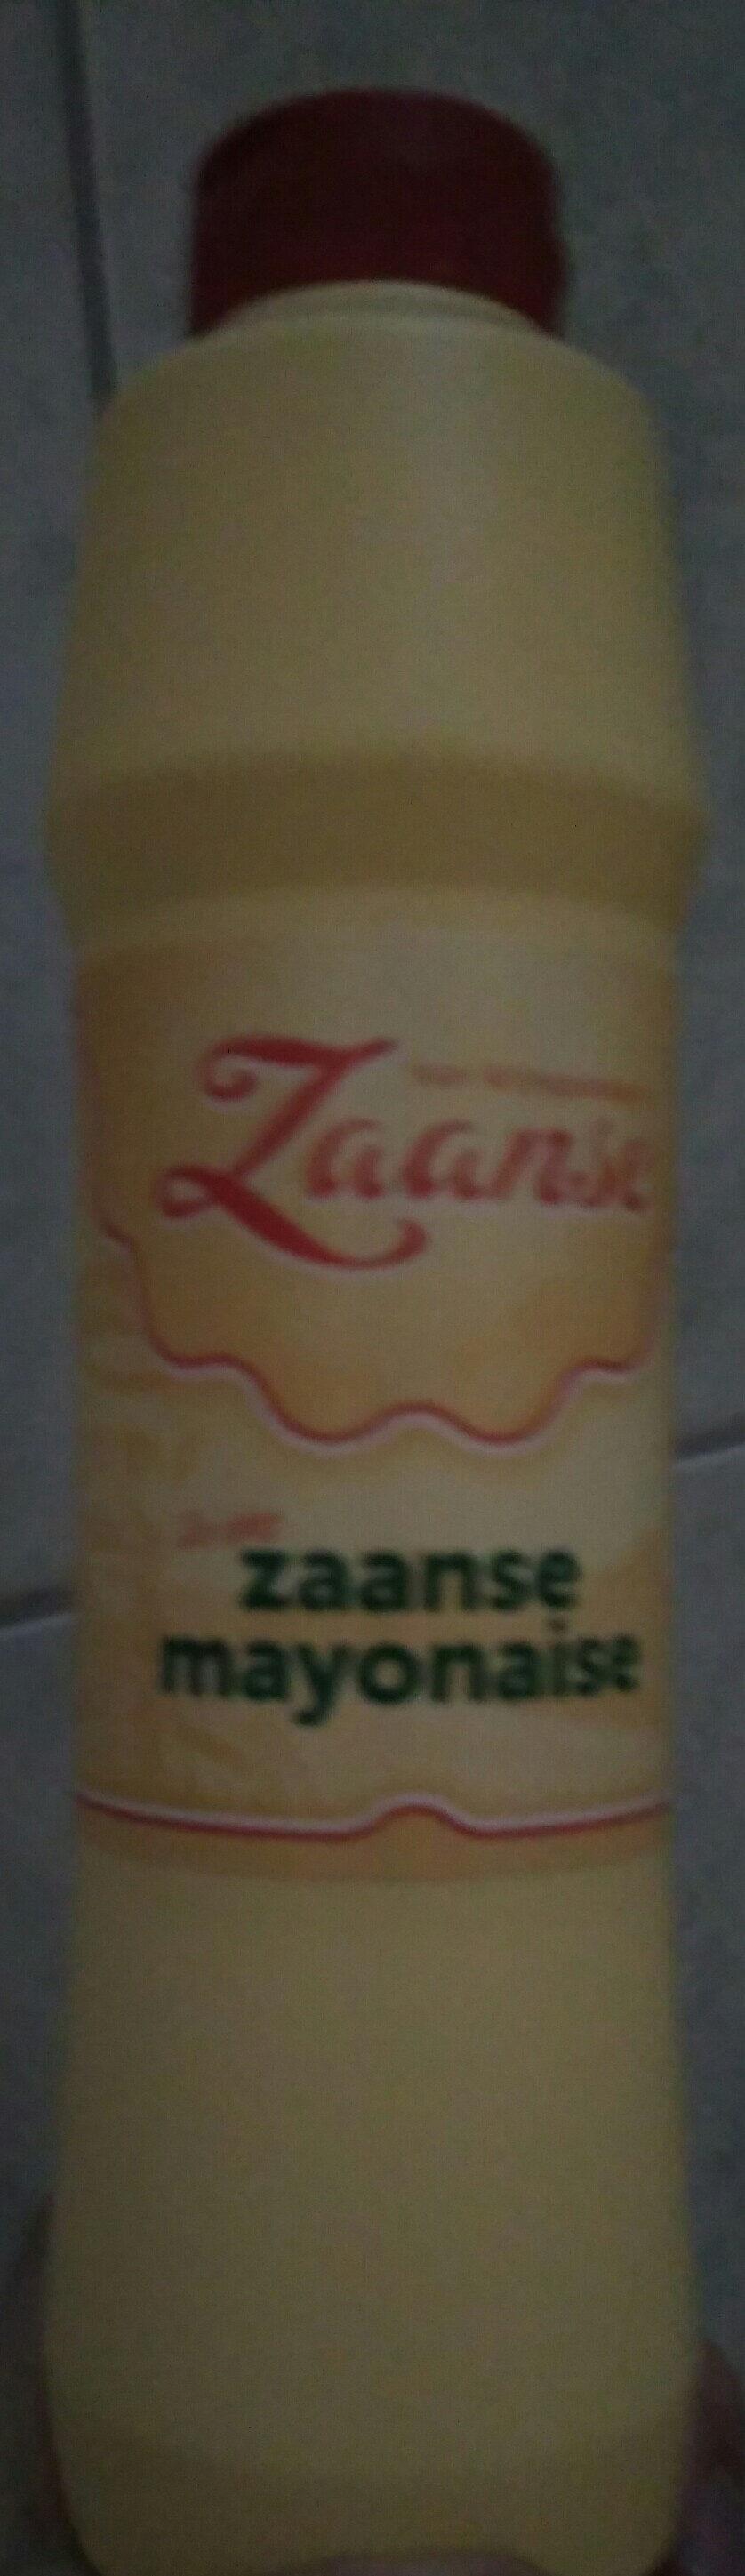 Zaanse Mayonaise - Product - nl